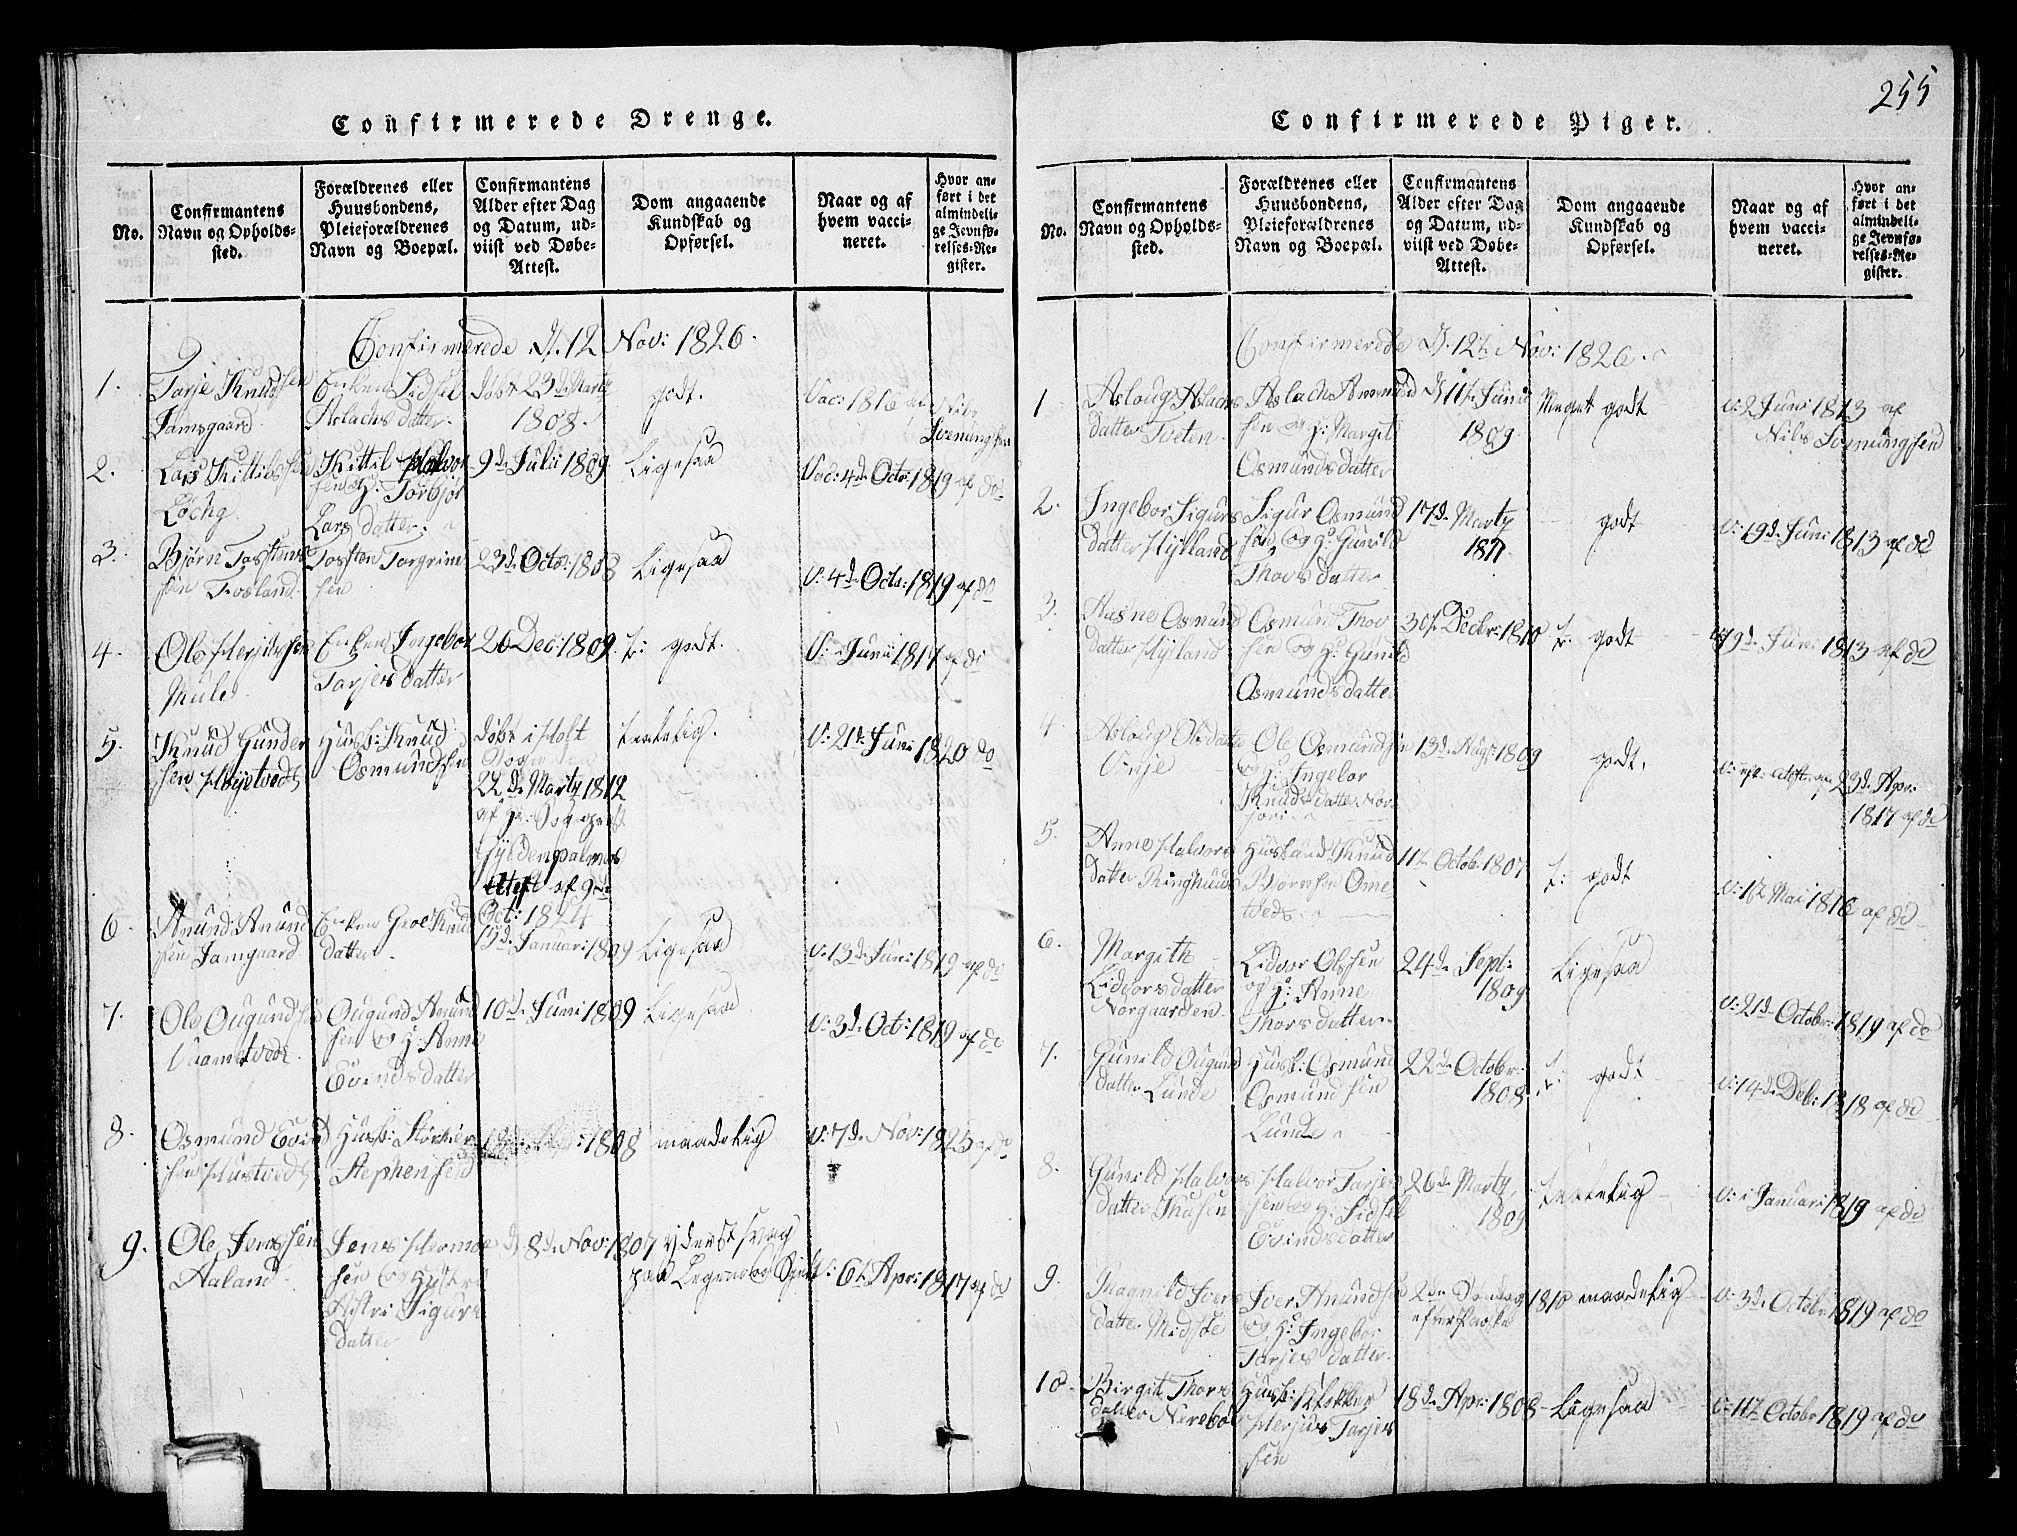 SAKO, Vinje kirkebøker, G/Ga/L0001: Klokkerbok nr. I 1, 1814-1843, s. 255